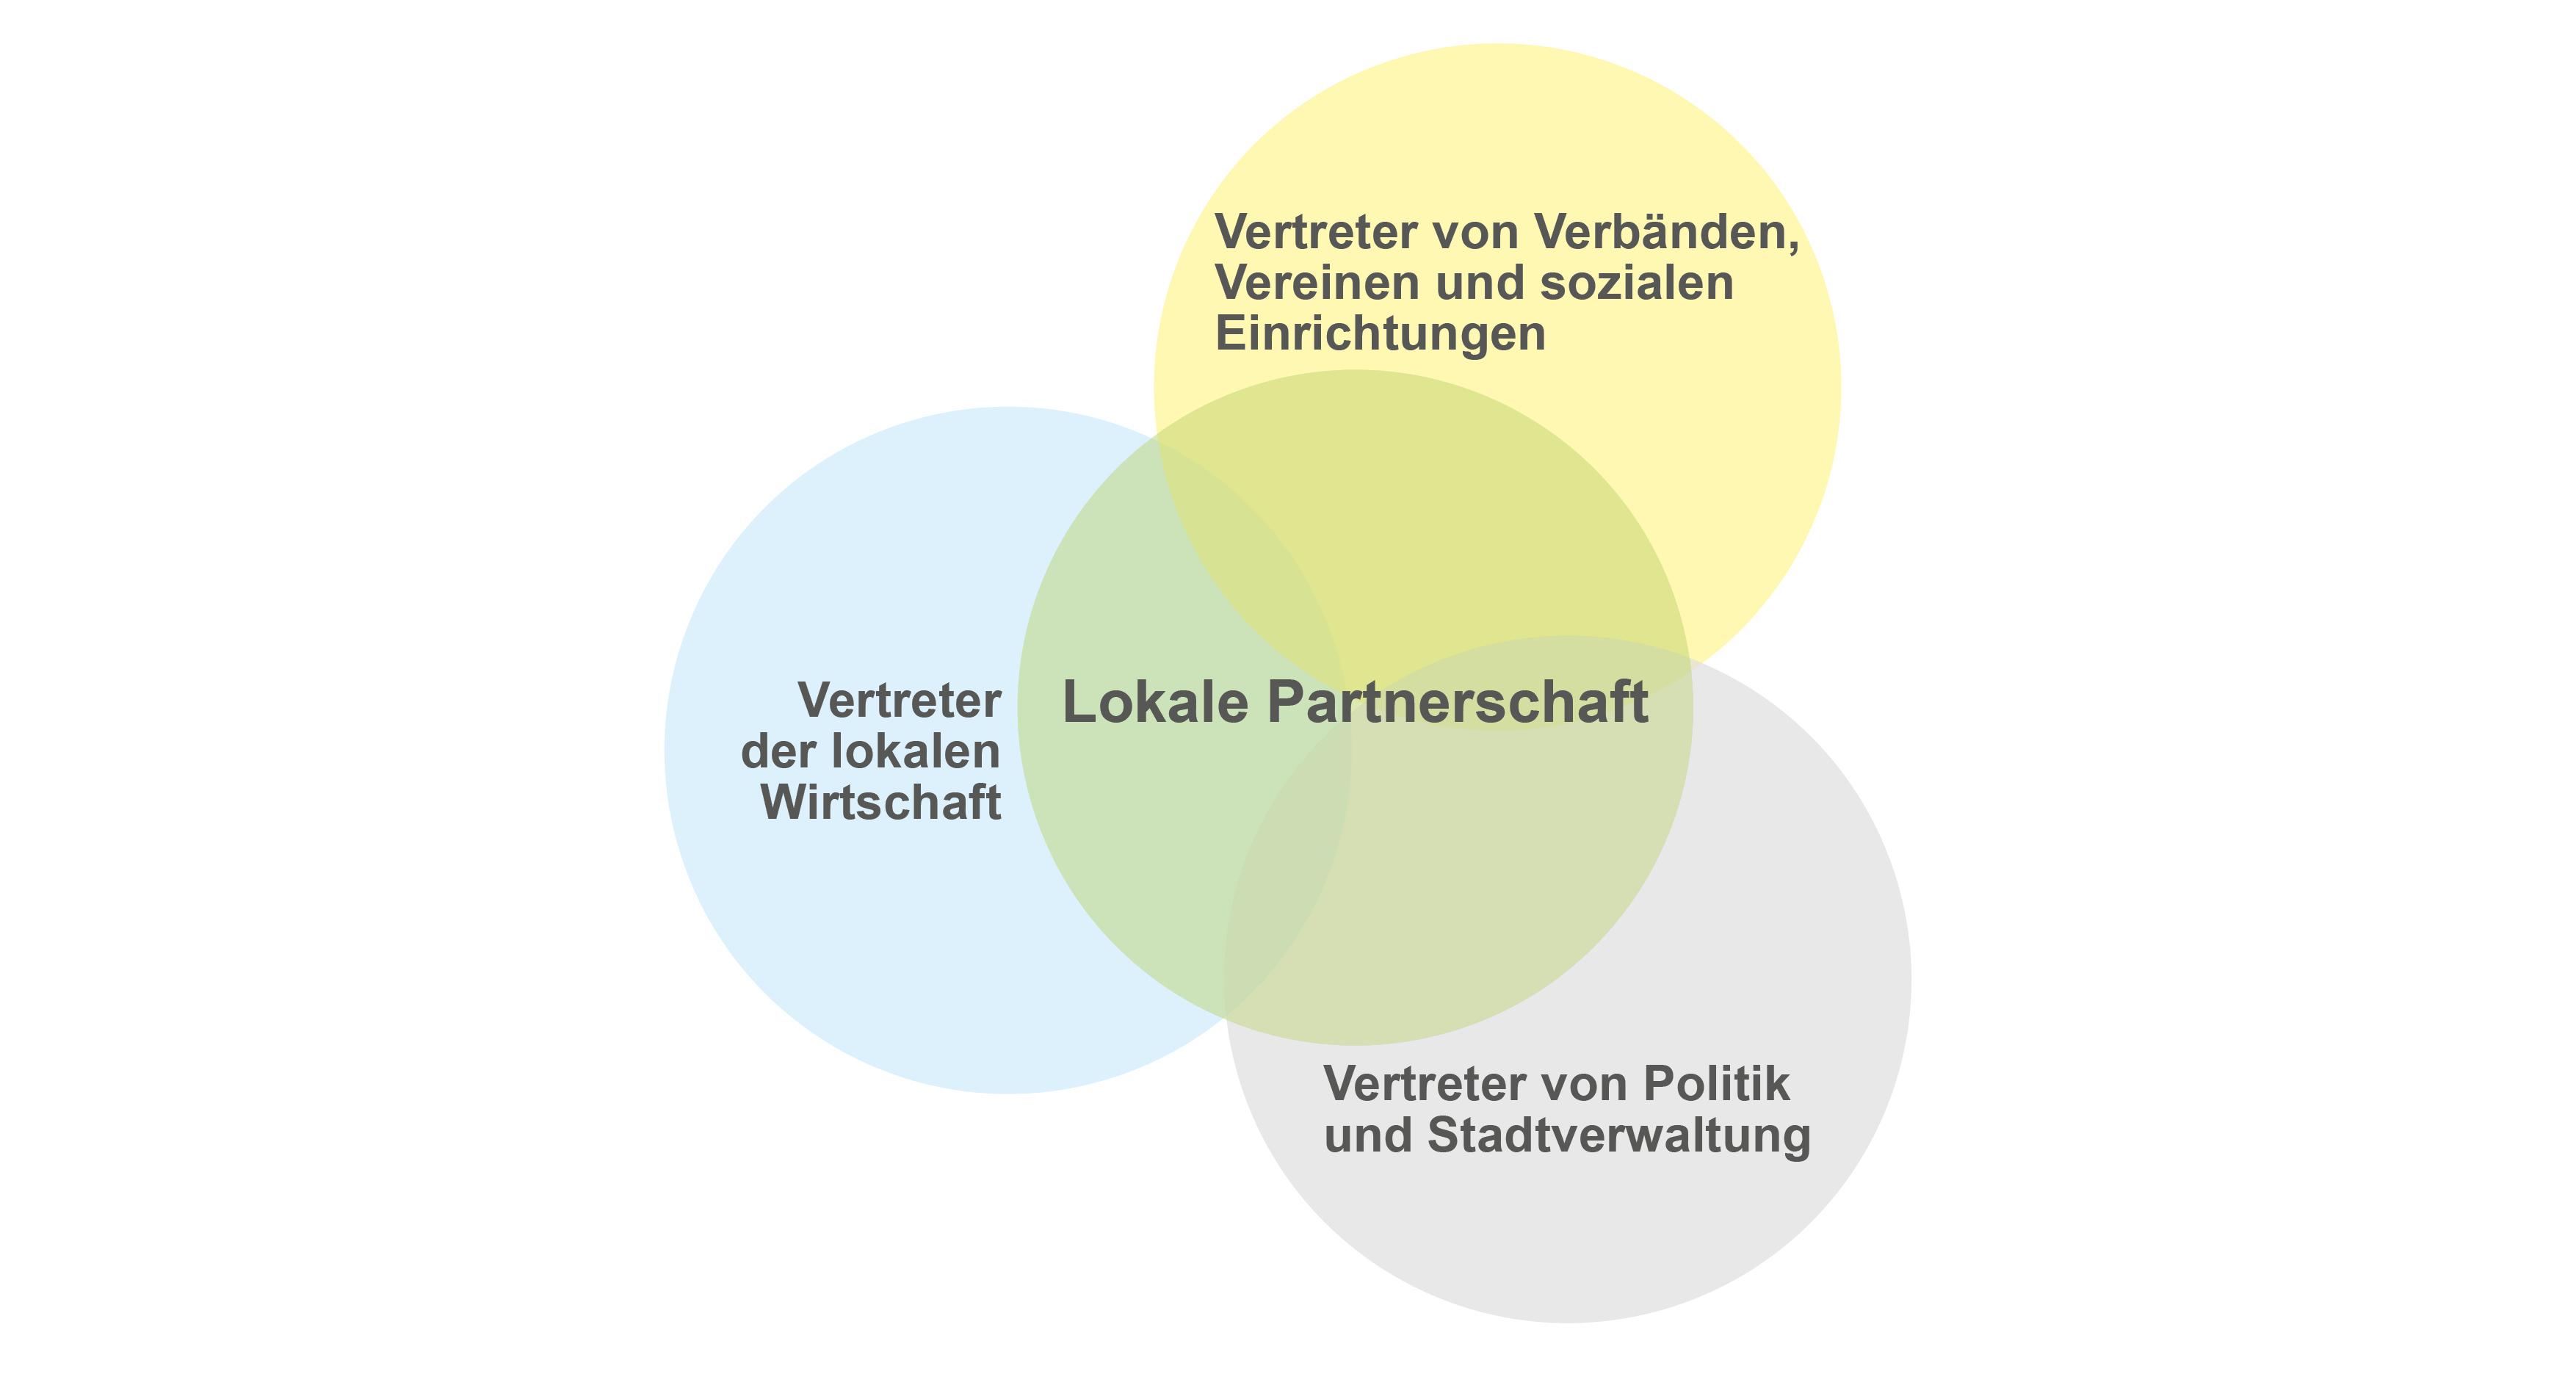 Zusammensetzung der lokalen Partnerschaft